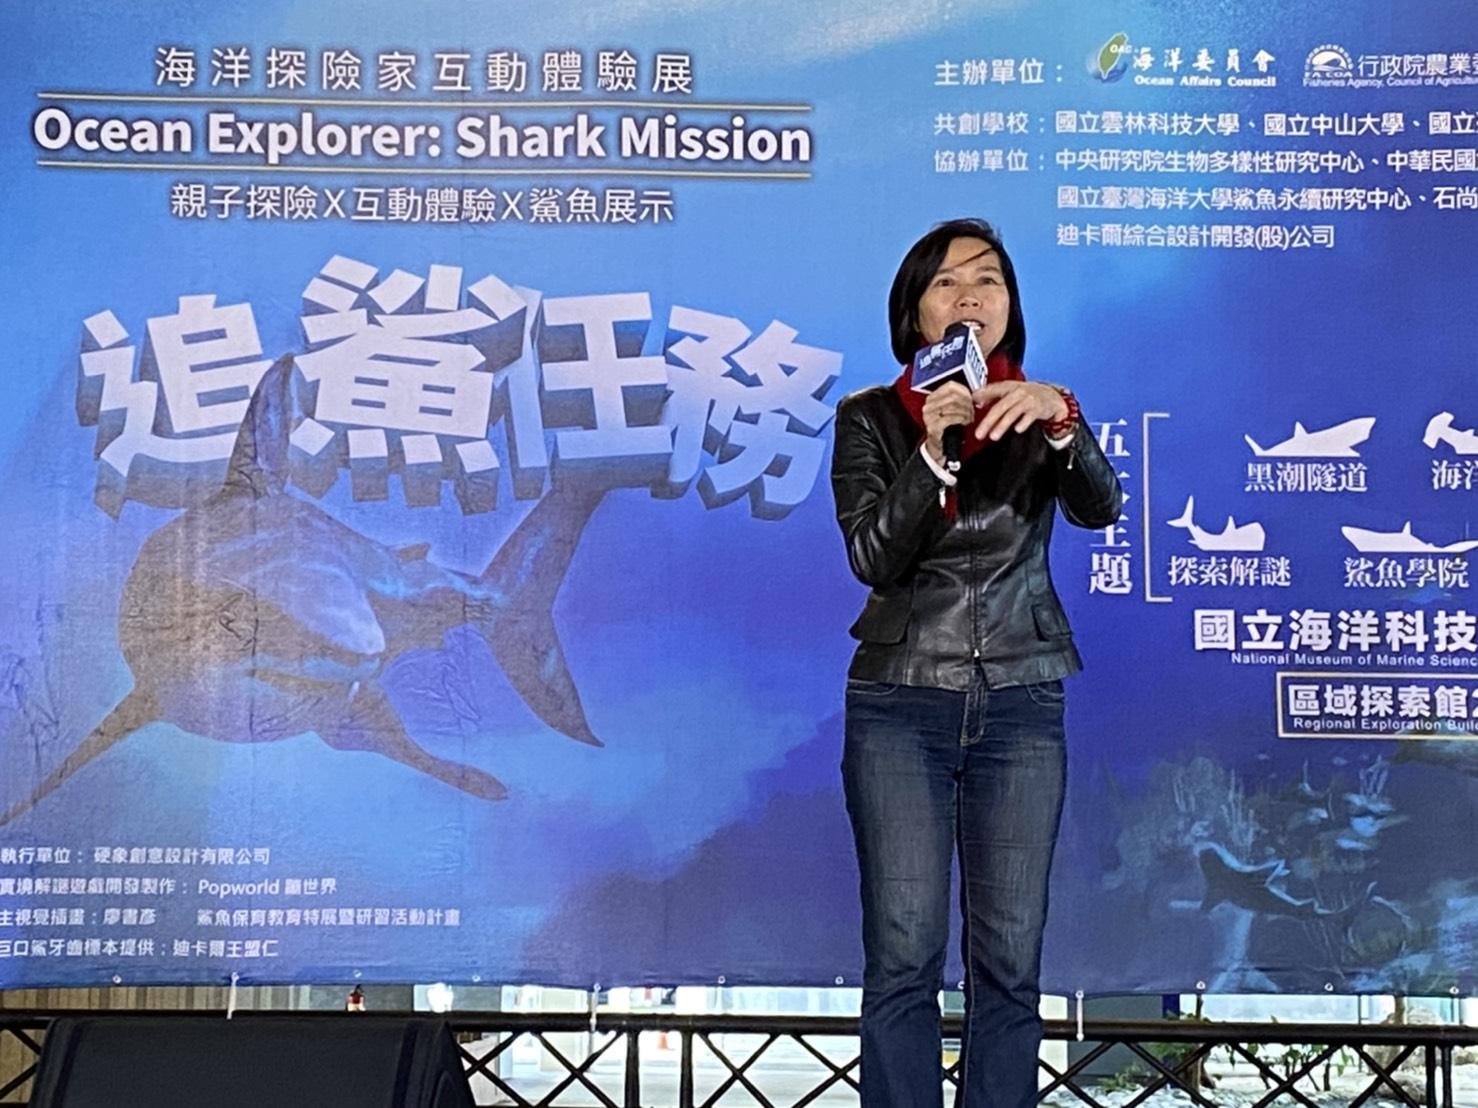 【展覽】過年就到海科館 「追鯊任務‧海洋探險家互動體驗展」AR實境登場